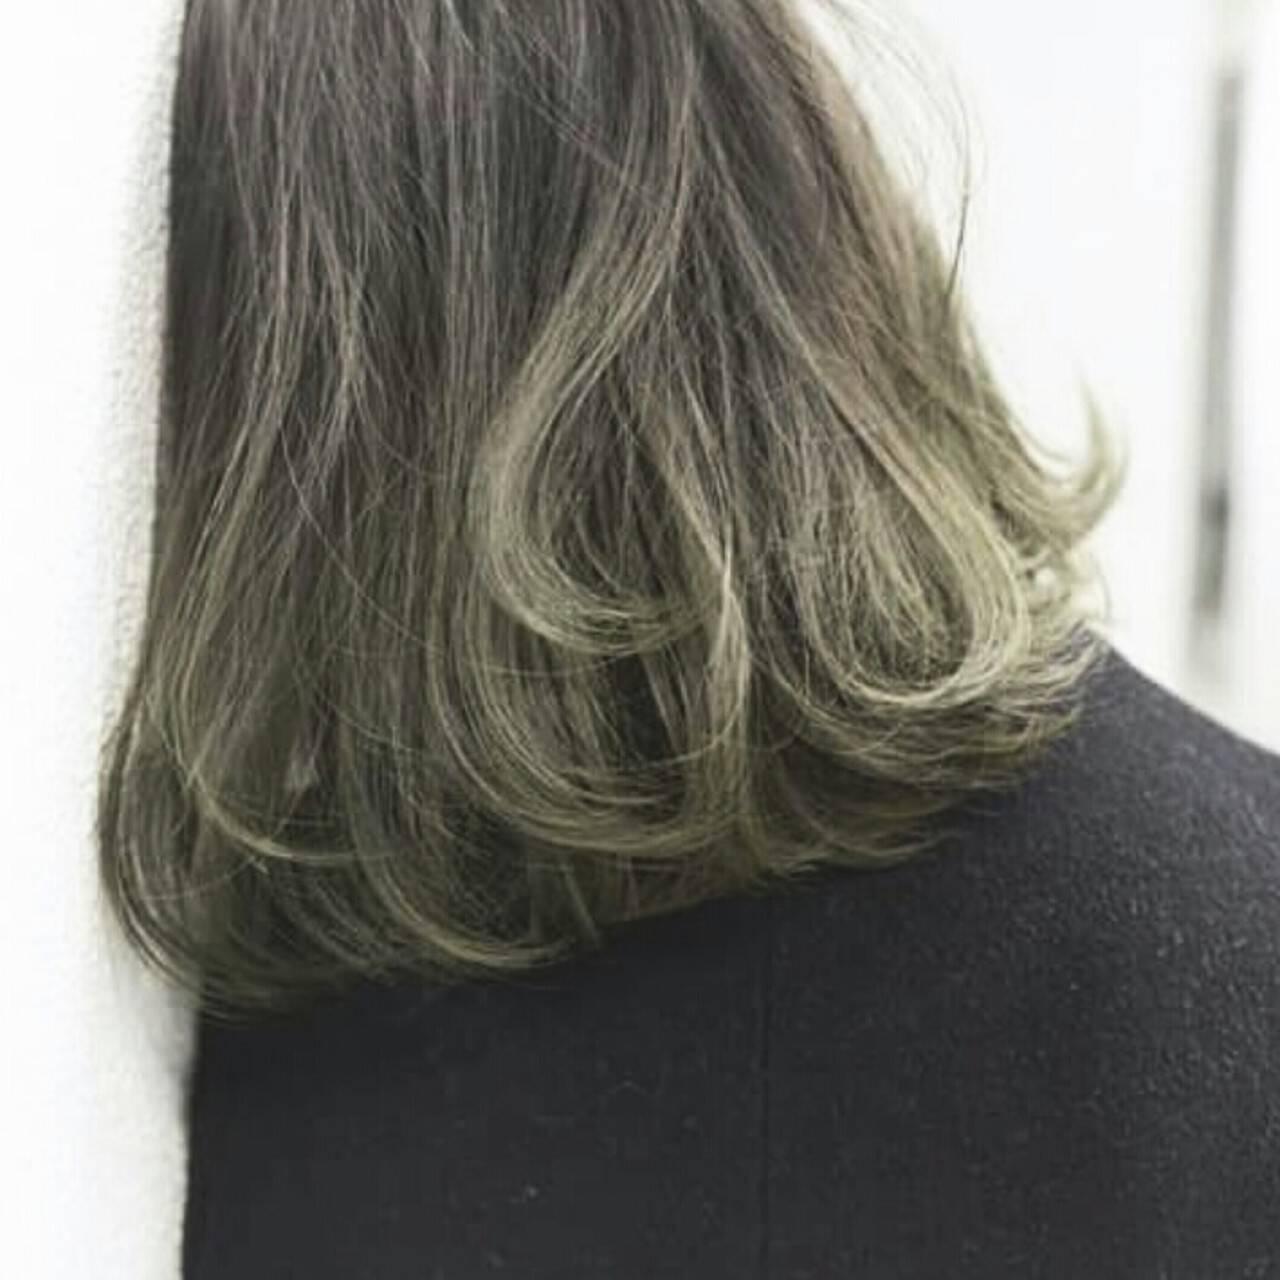 インナーカラー グラデーションカラー ストリート ボブヘアスタイルや髪型の写真・画像